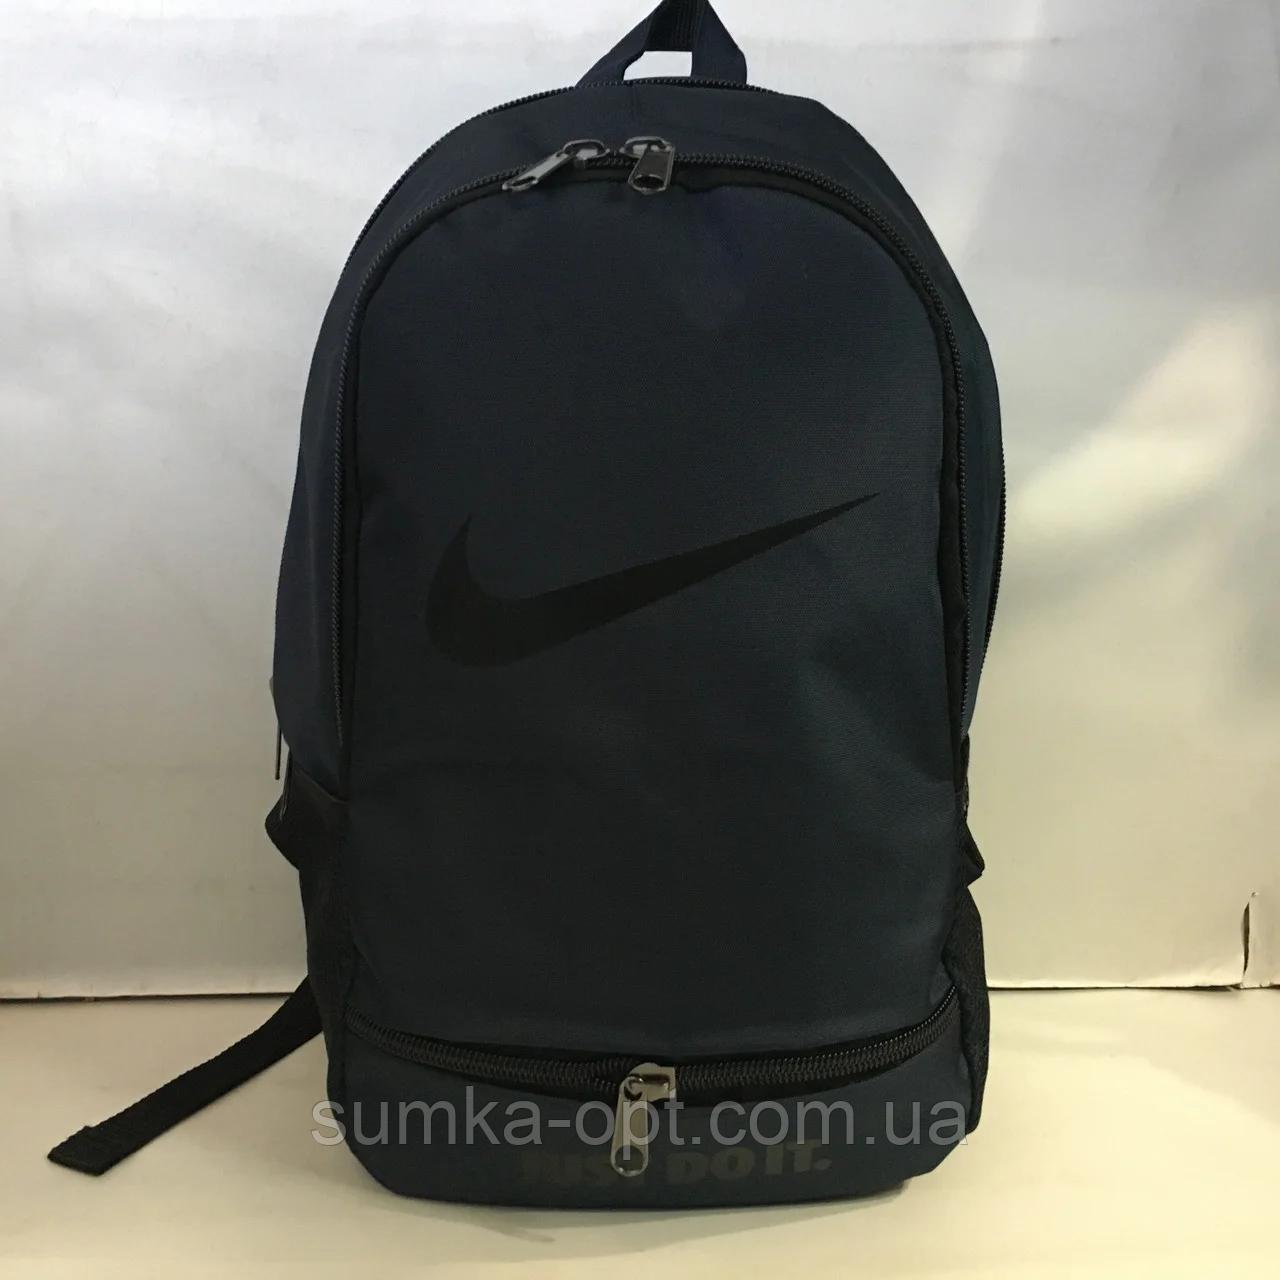 Спортивные текстильные рюкзаки NIKE (СИНИЙ)30х43см